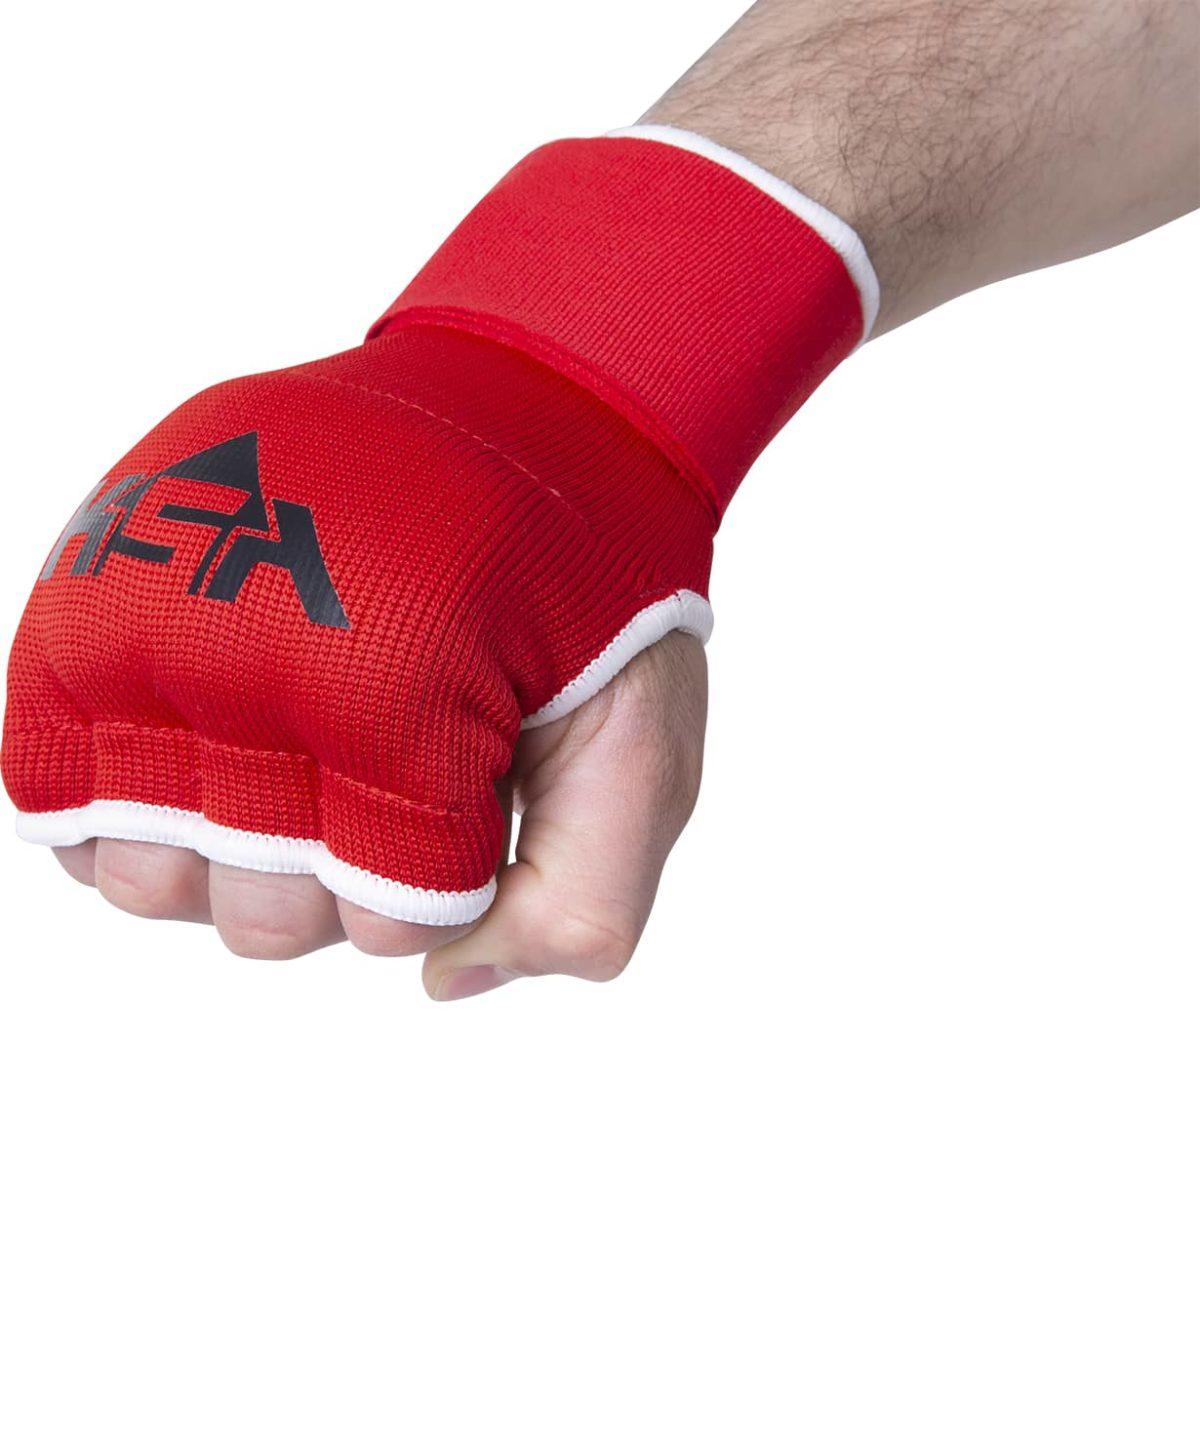 KSA Cobra Red Перчатки внутренние для бокса 17899 - 3